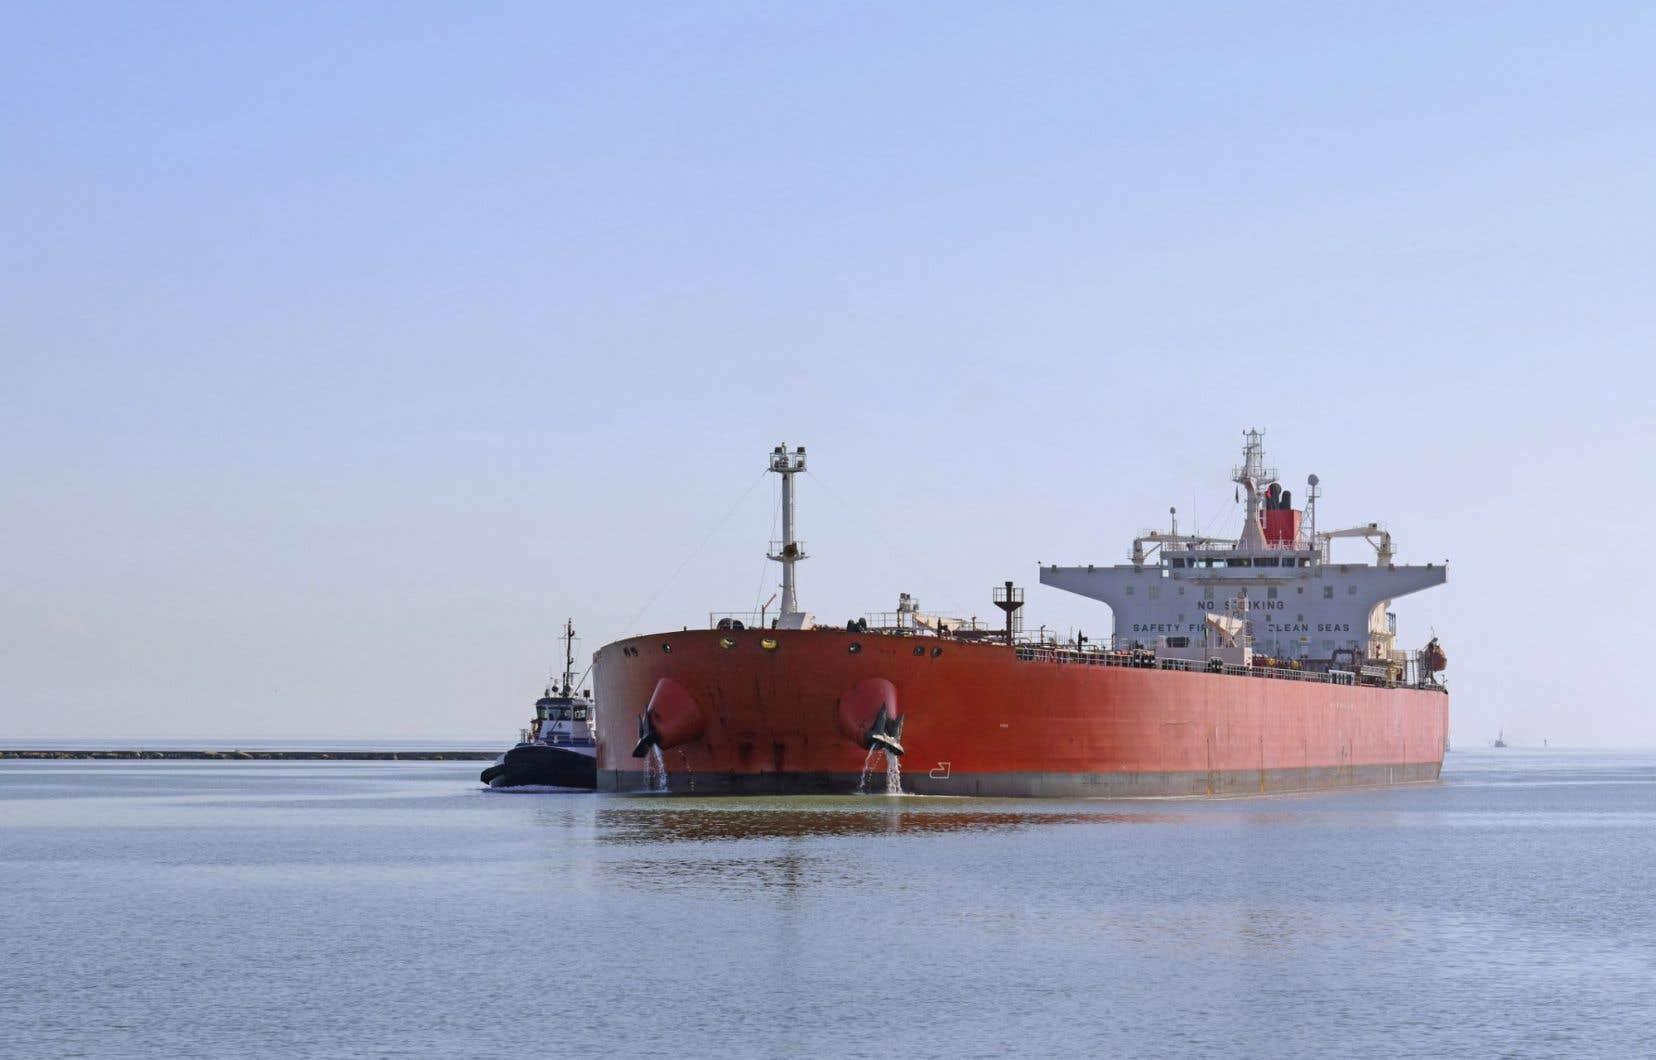 Le pétrole importé de l'étranger circule d'est en ouest sur le fleuve pour alimenter les deux raffineries québécoises.